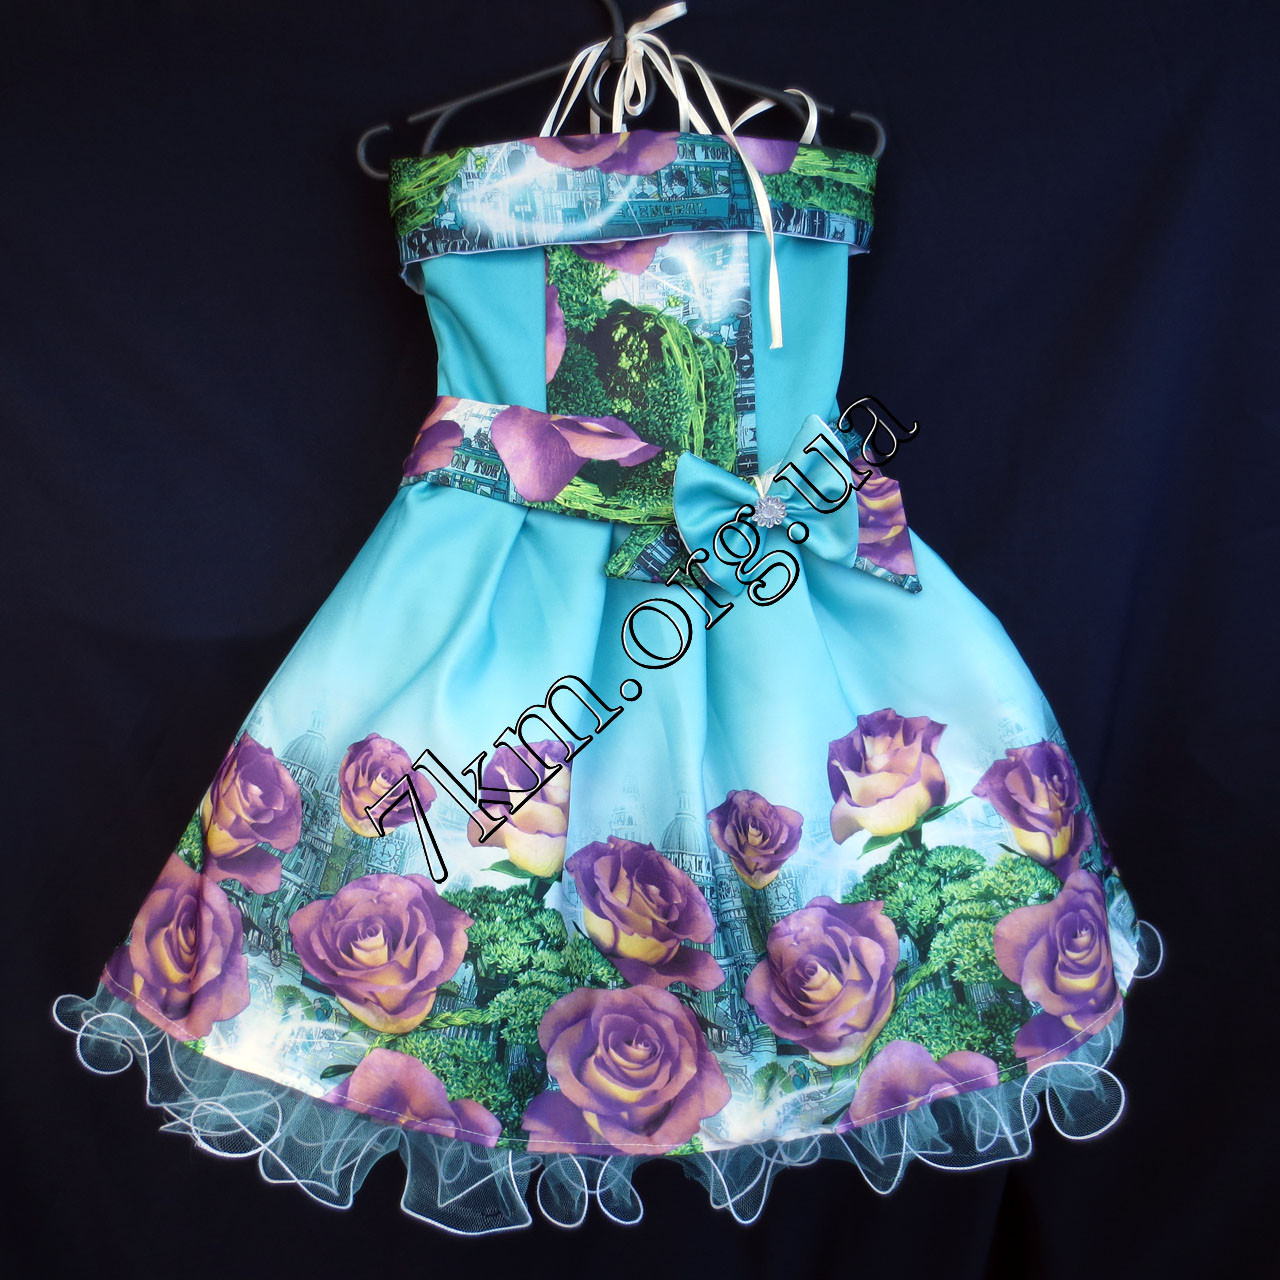 Платье нарядное бальное детское Шикарная роза (3D- рисунок) 6 лет голубое Украина оптом.